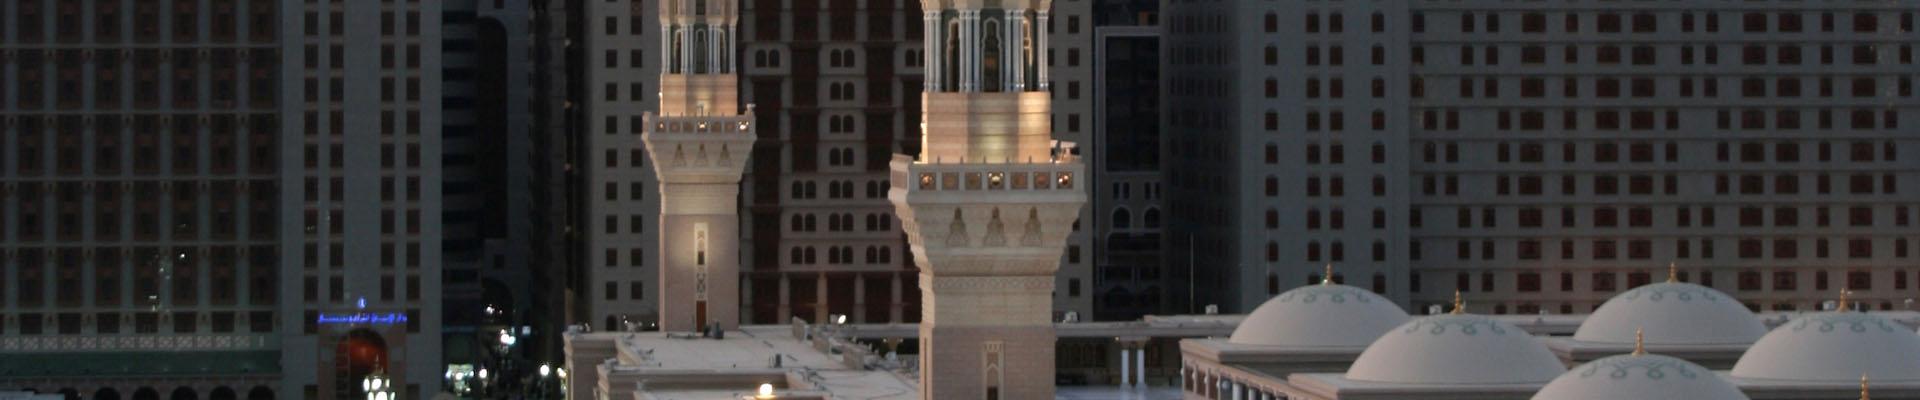 culture and business in saudi arabia1 Saudi arabia culture & business 1 culture and business in saudi arabia sachin sebastian - 122 sahanna ms - 123 sai kalyan - 124 sanjana un - 127.